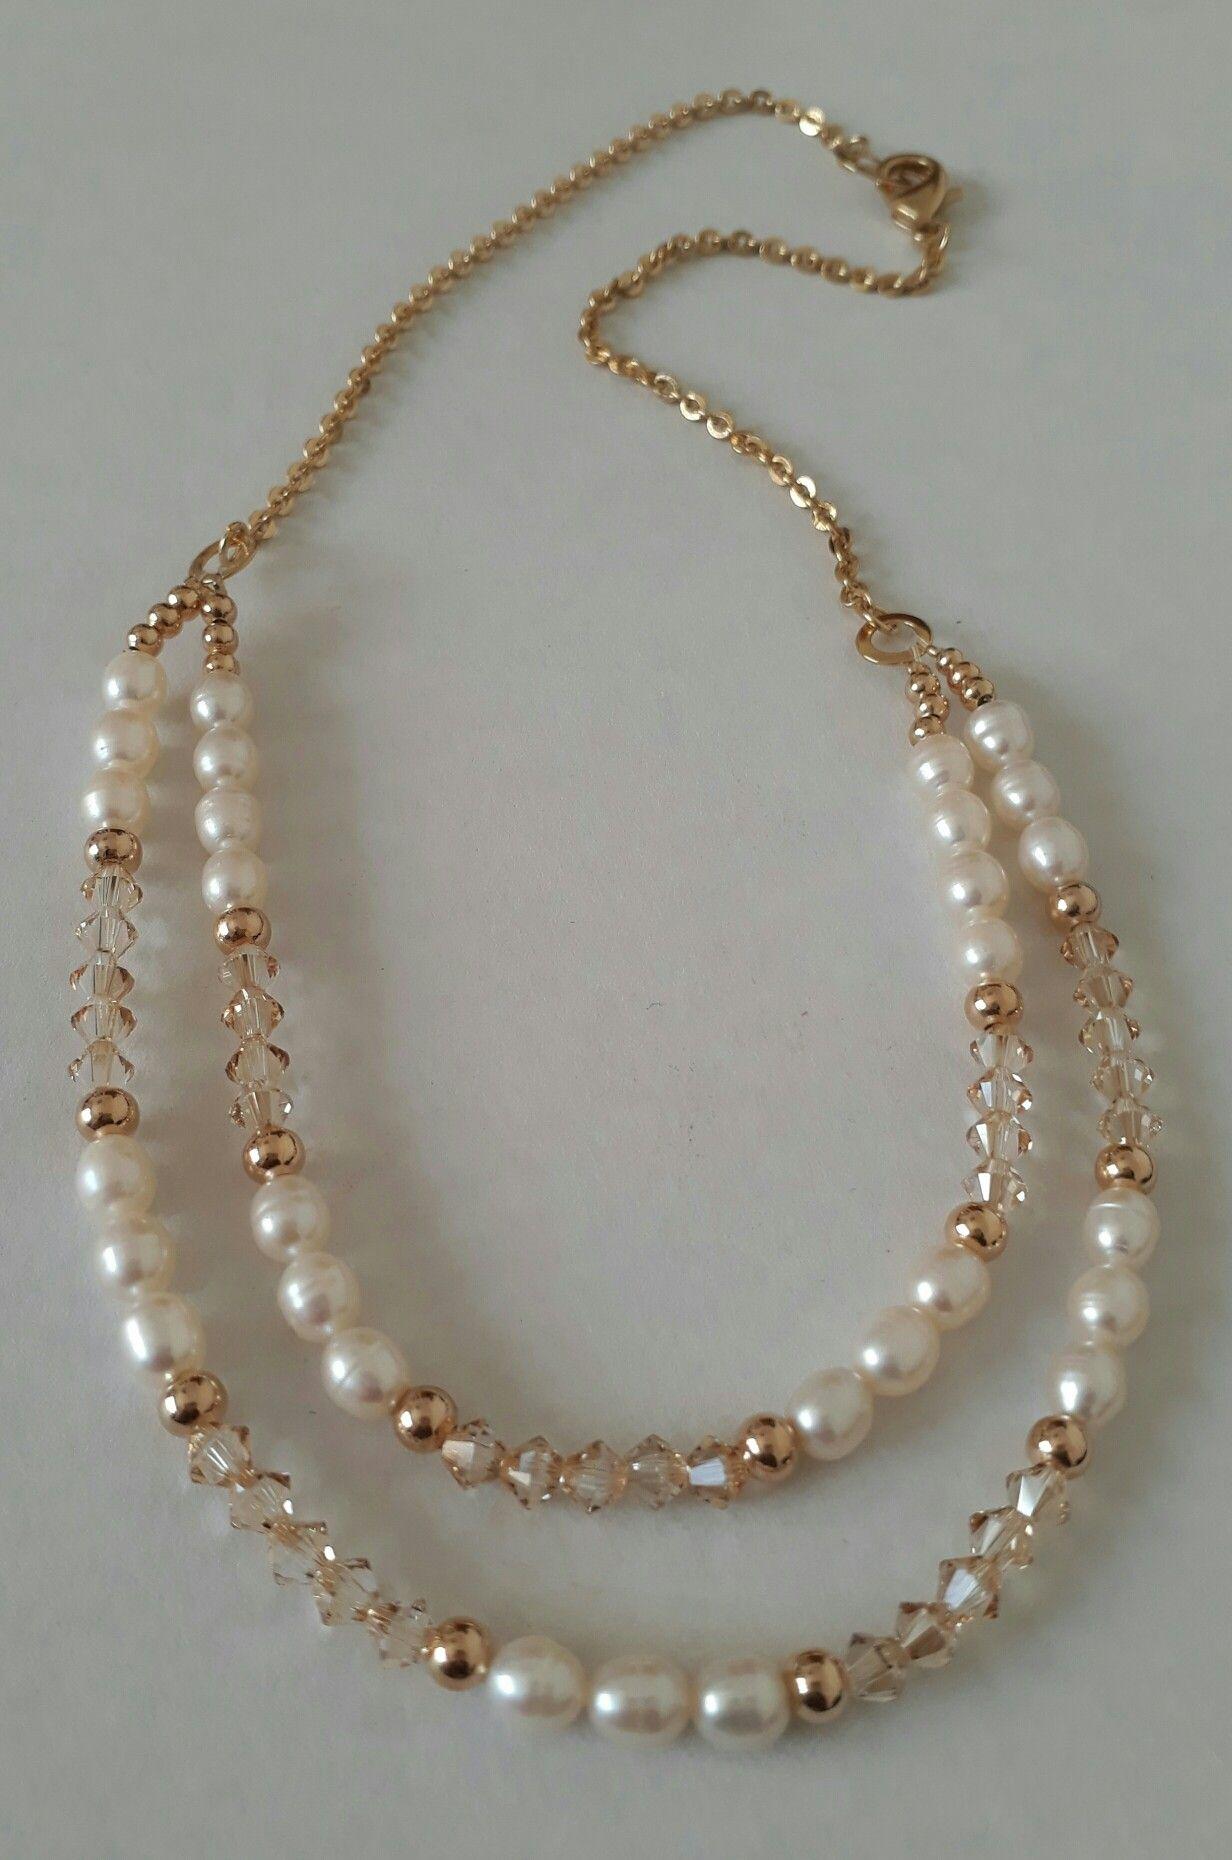 be89ff431318 Perlas de río y cristales Swarovski. Creaciones Little Flower. Bisutería  fina 100% artesanal.